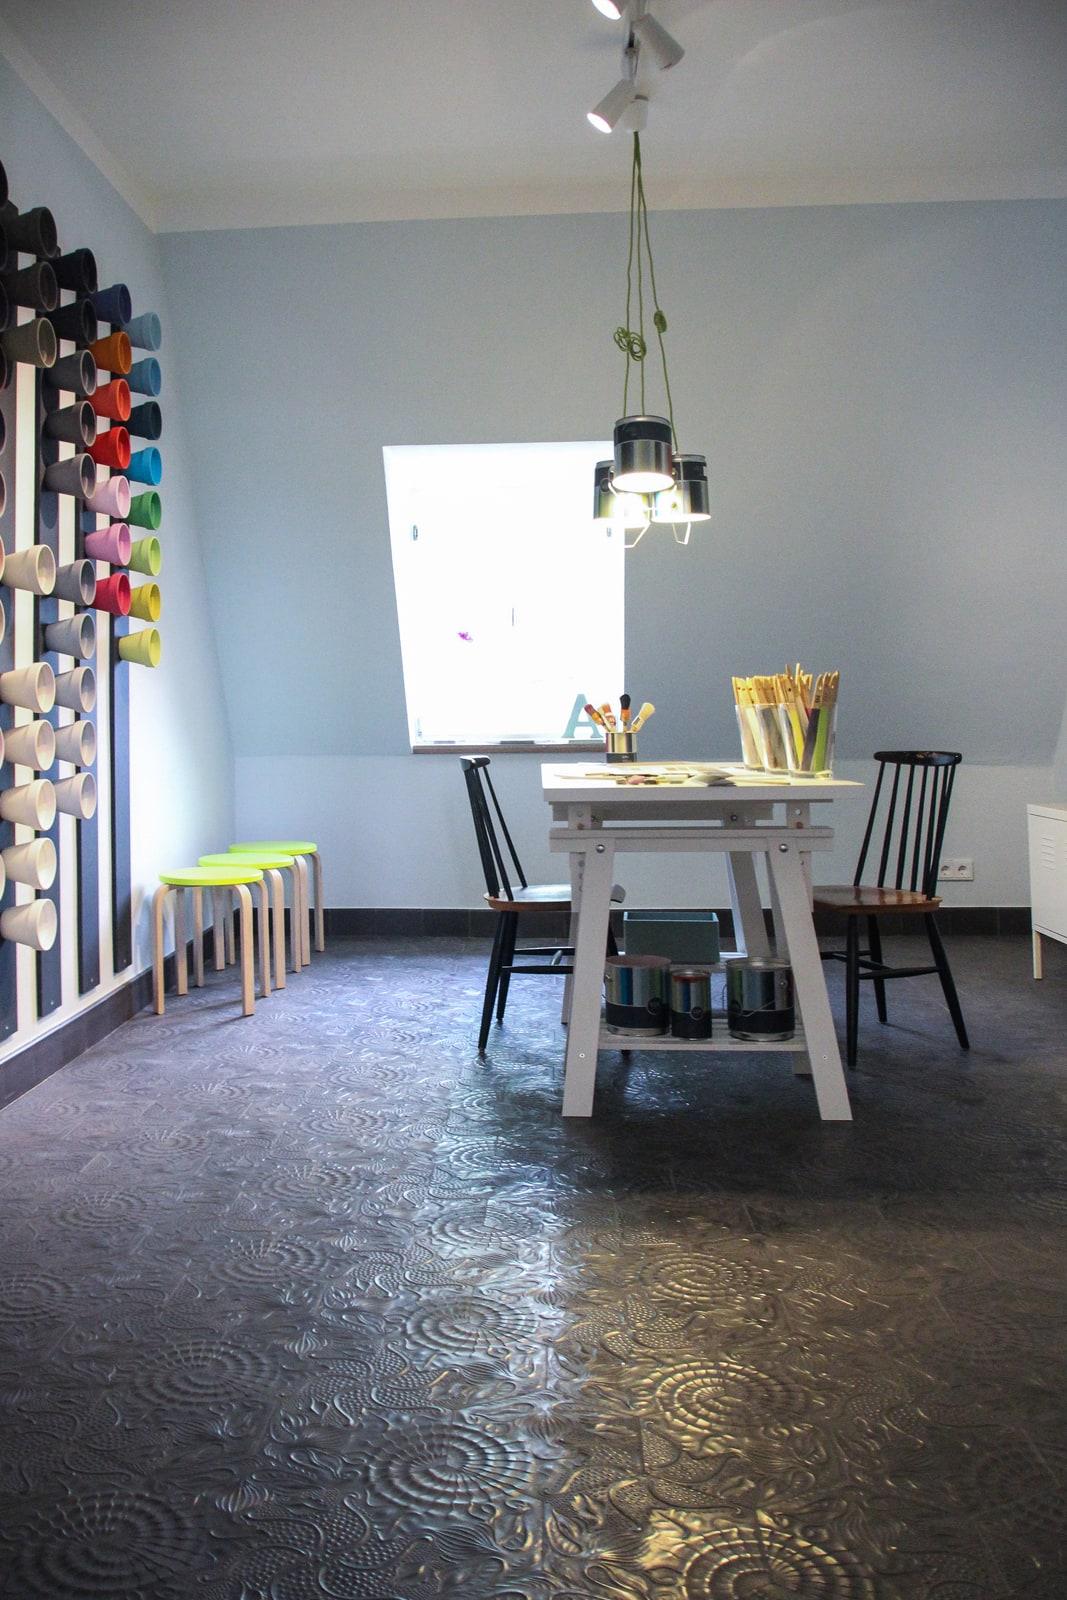 zementfliesen-terrazzofliesen-kreidefarbe-Eisblau-terrazzo-fugenlos-viaplatten-farbraum | Kreidefarbe Eisblau 2500 ml